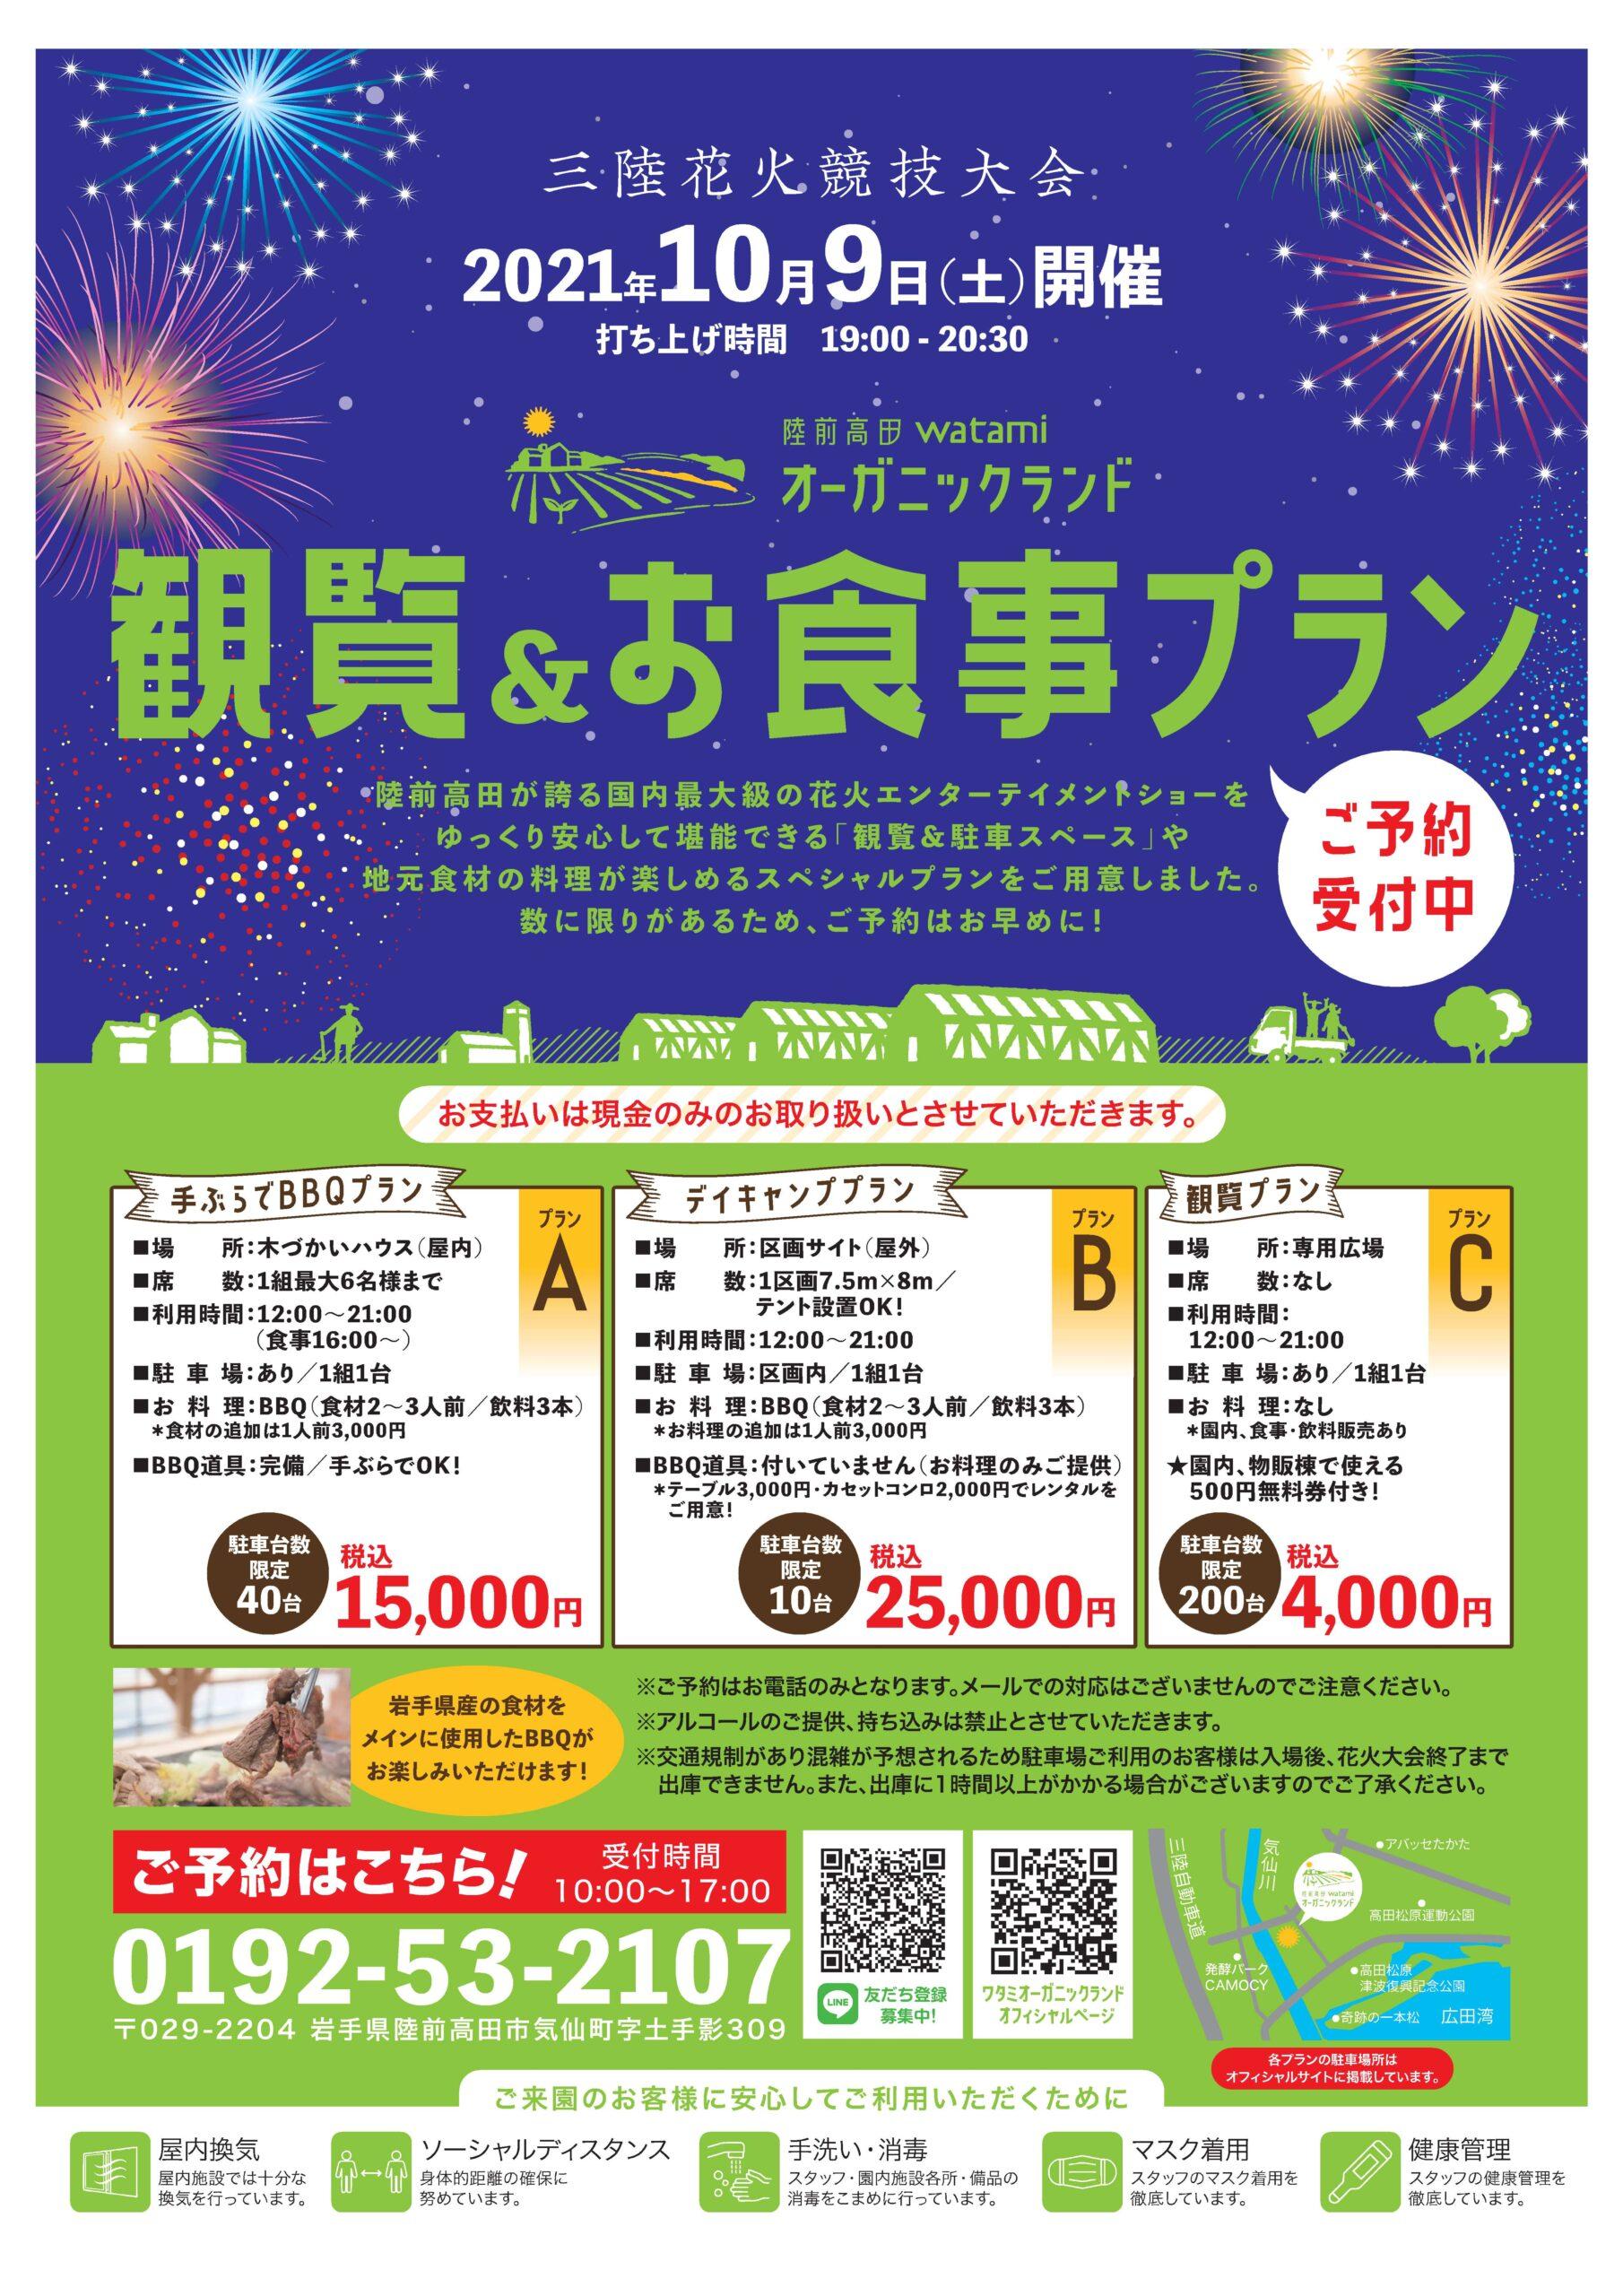 三陸花火競技大会 観覧&お食事プランのお知らせ